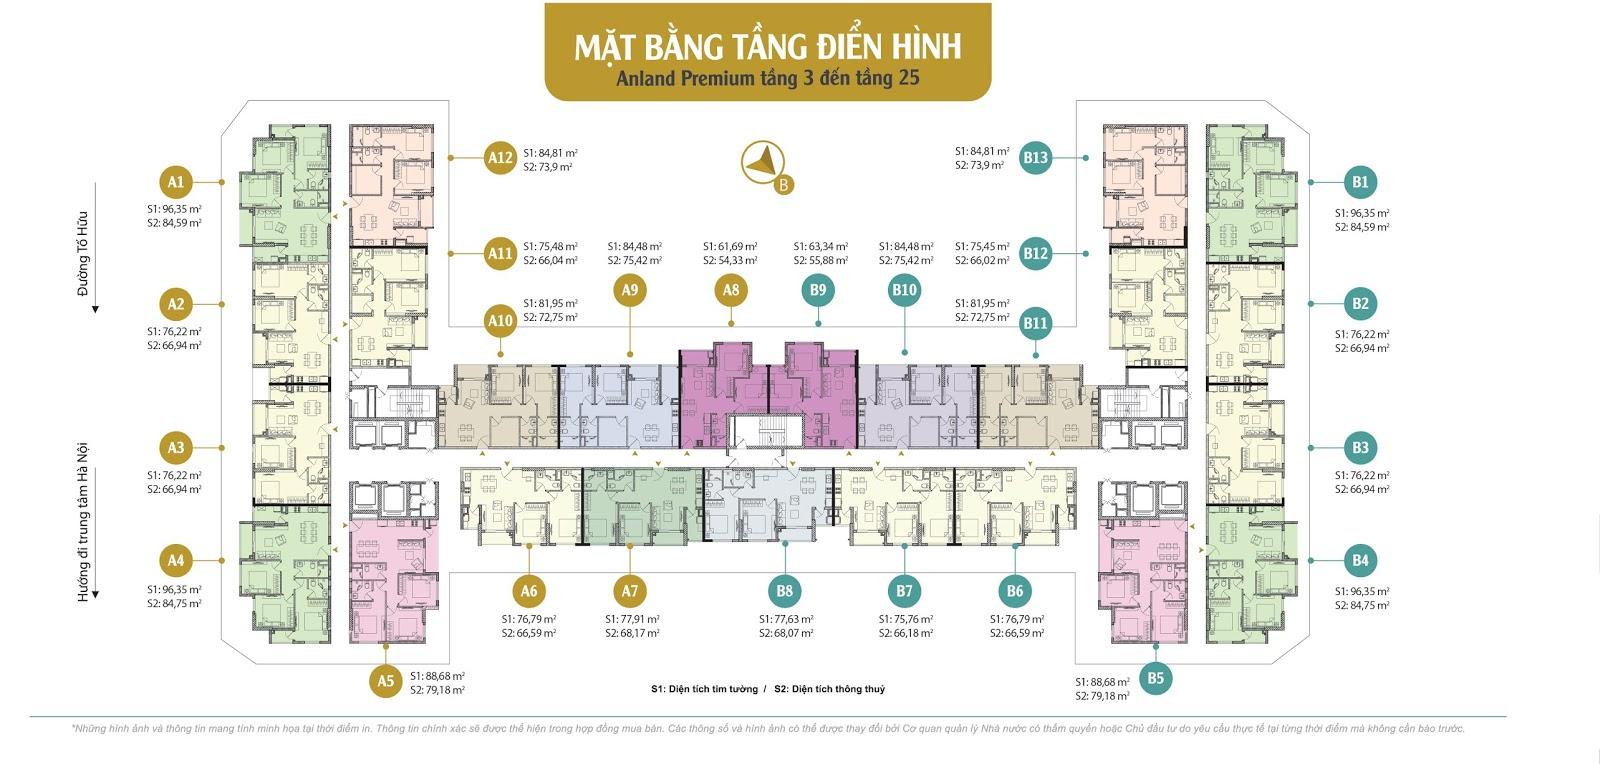 mat-bang-can-ho-anland-premium